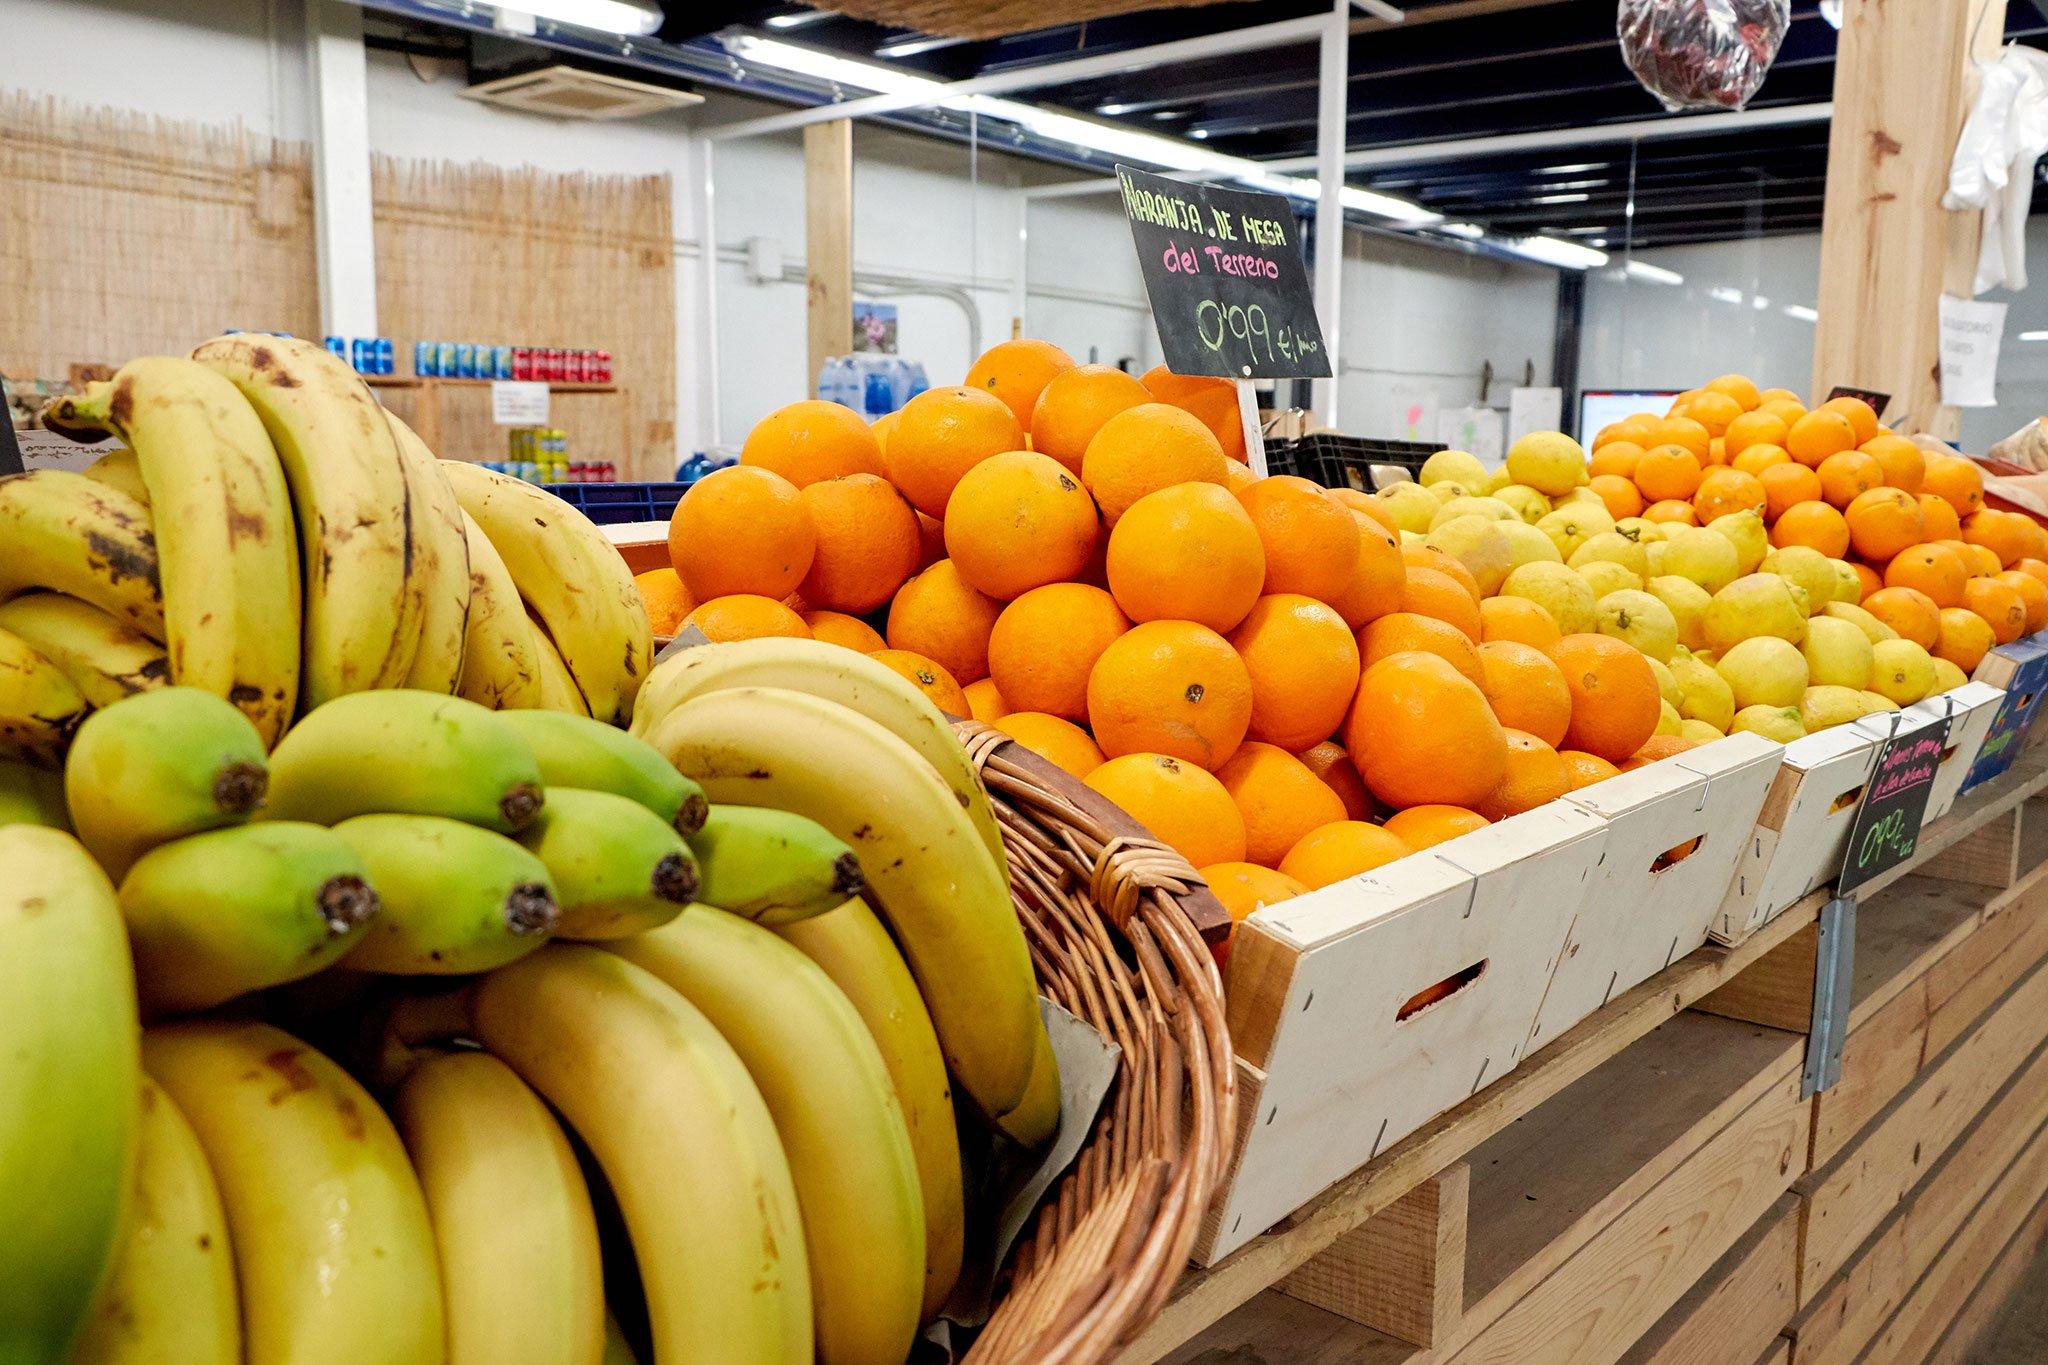 Fruta en Dénia, en La Nau d'Orozco – Frutas y verduras Orozco